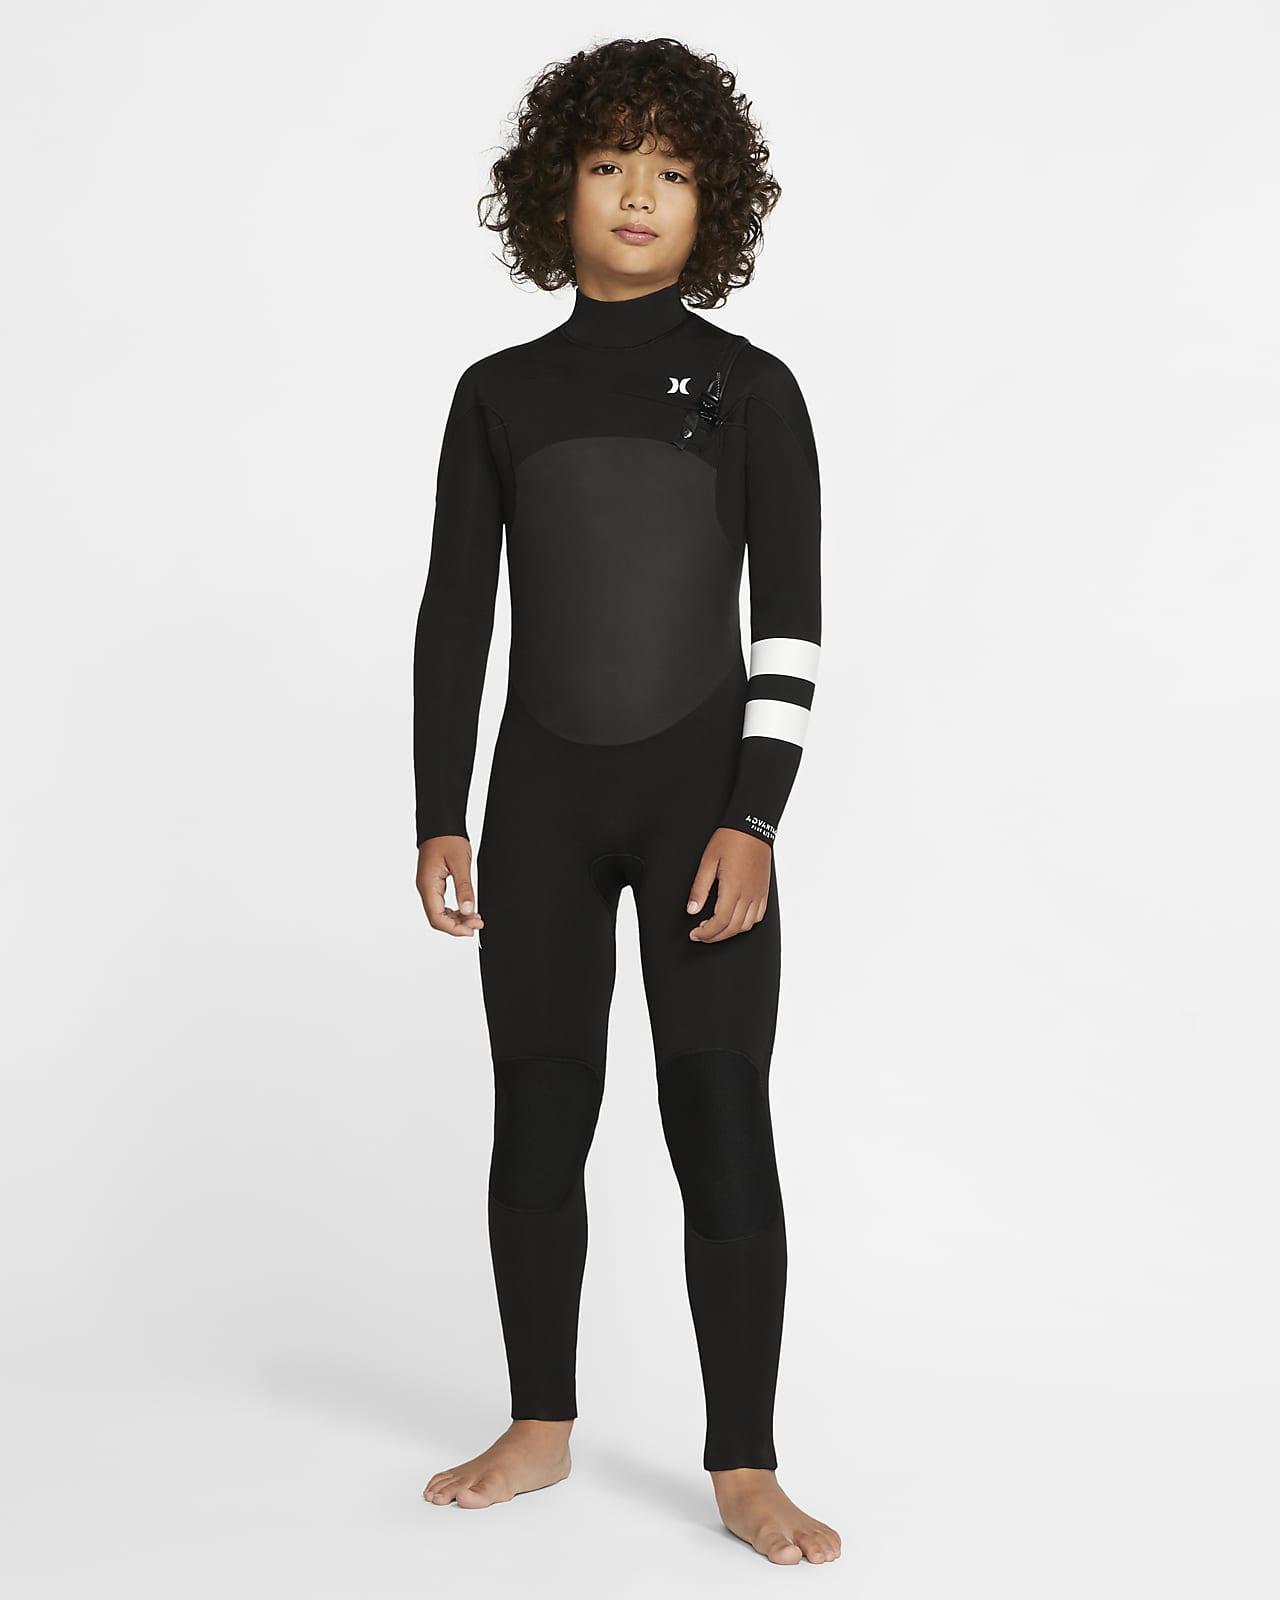 Hurley Advantage Plus 4/3mm Fullsuit Kids'' Wetsuit